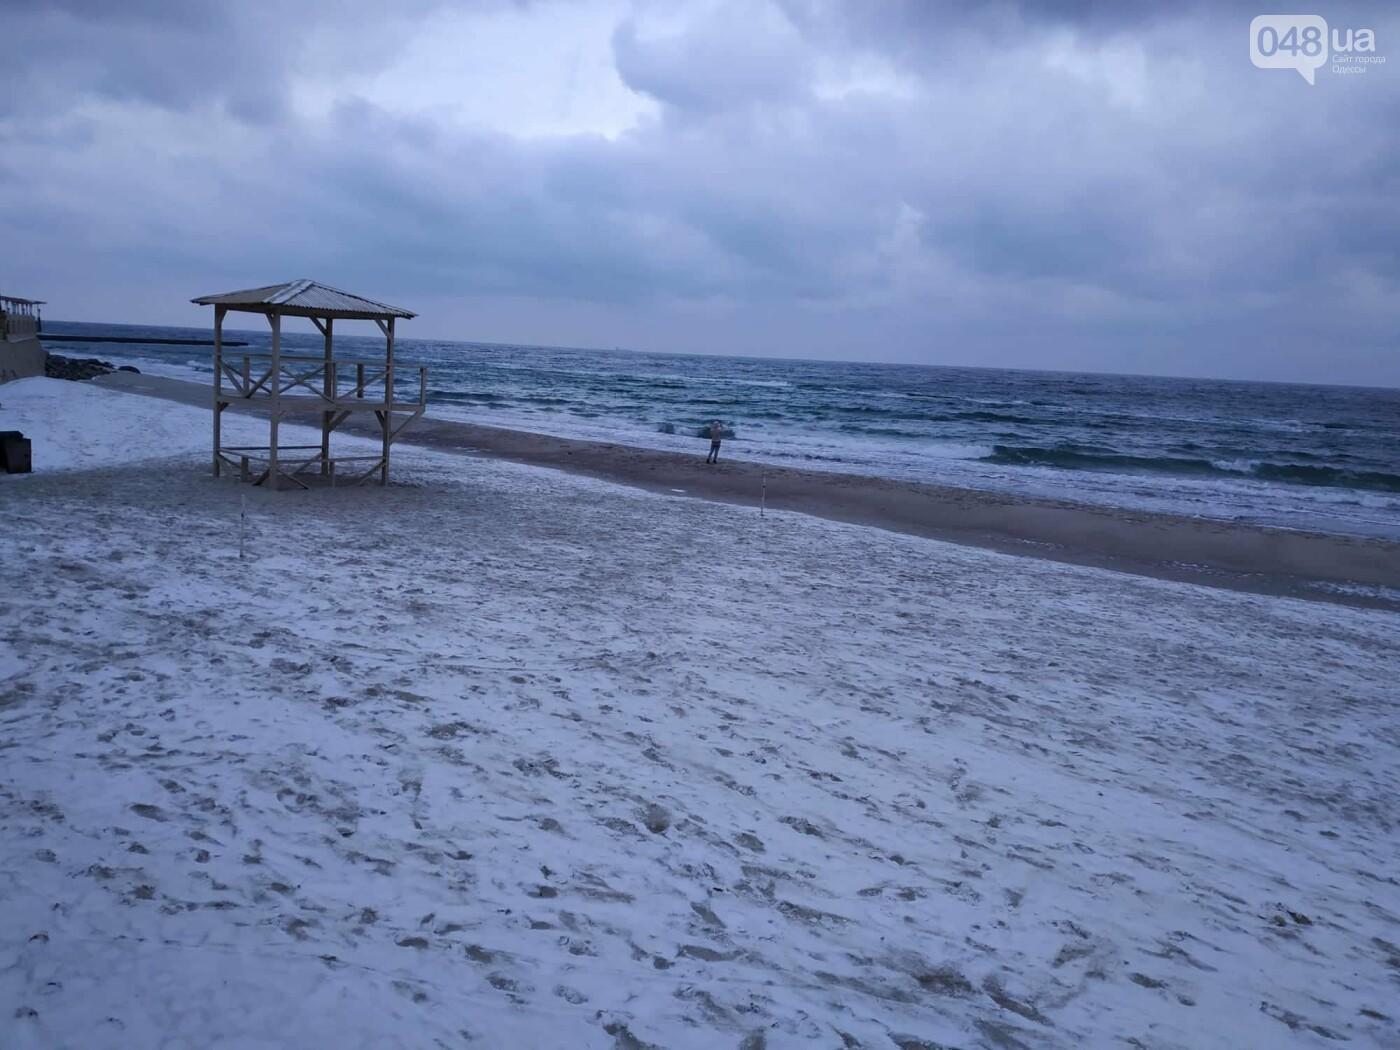 Заснеженные одесские пляжи вечером: вот где стоит прогуляться, - ФОТО, фото-17